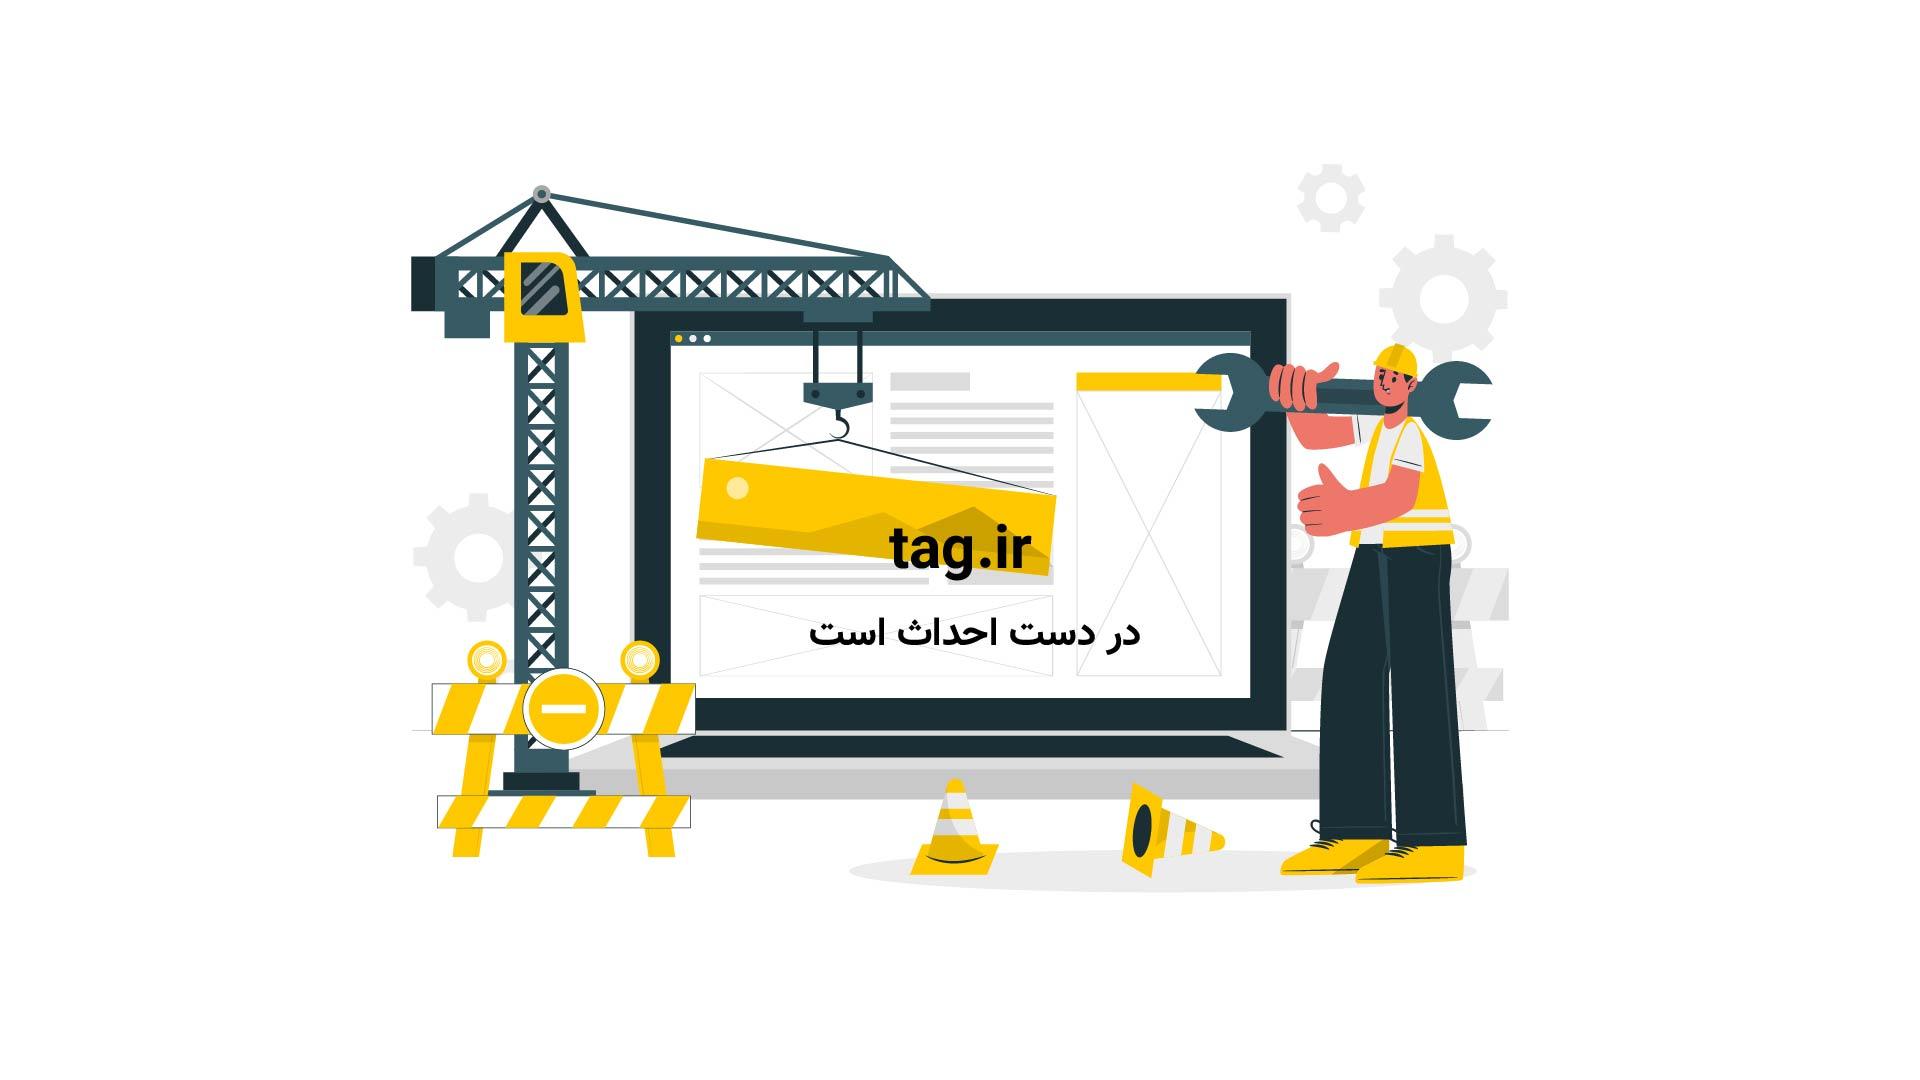 ادا بازی محمد نادری برای مصدع اوضاع | فیلم